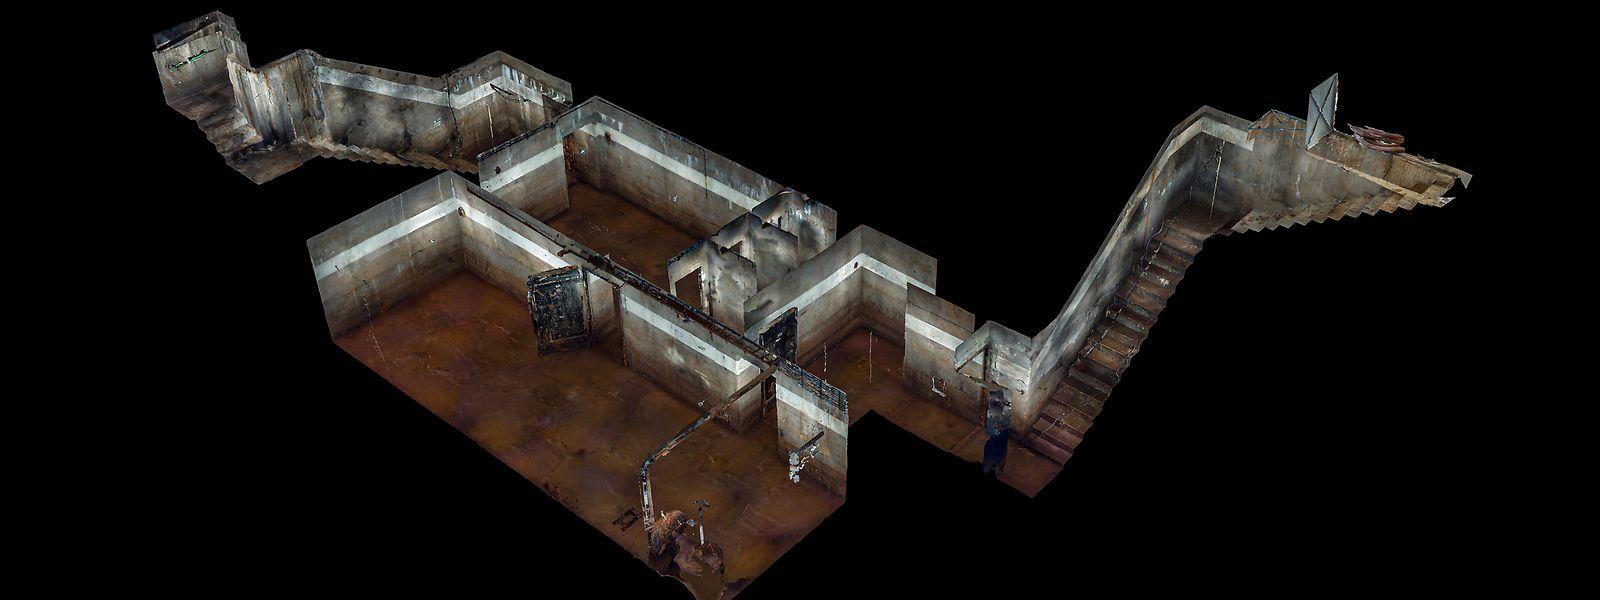 Der Bunker verfügt über einen kleinen Vorraum, einen Haupt- sowie einen kleineren Raum mit Toilettenanlage.